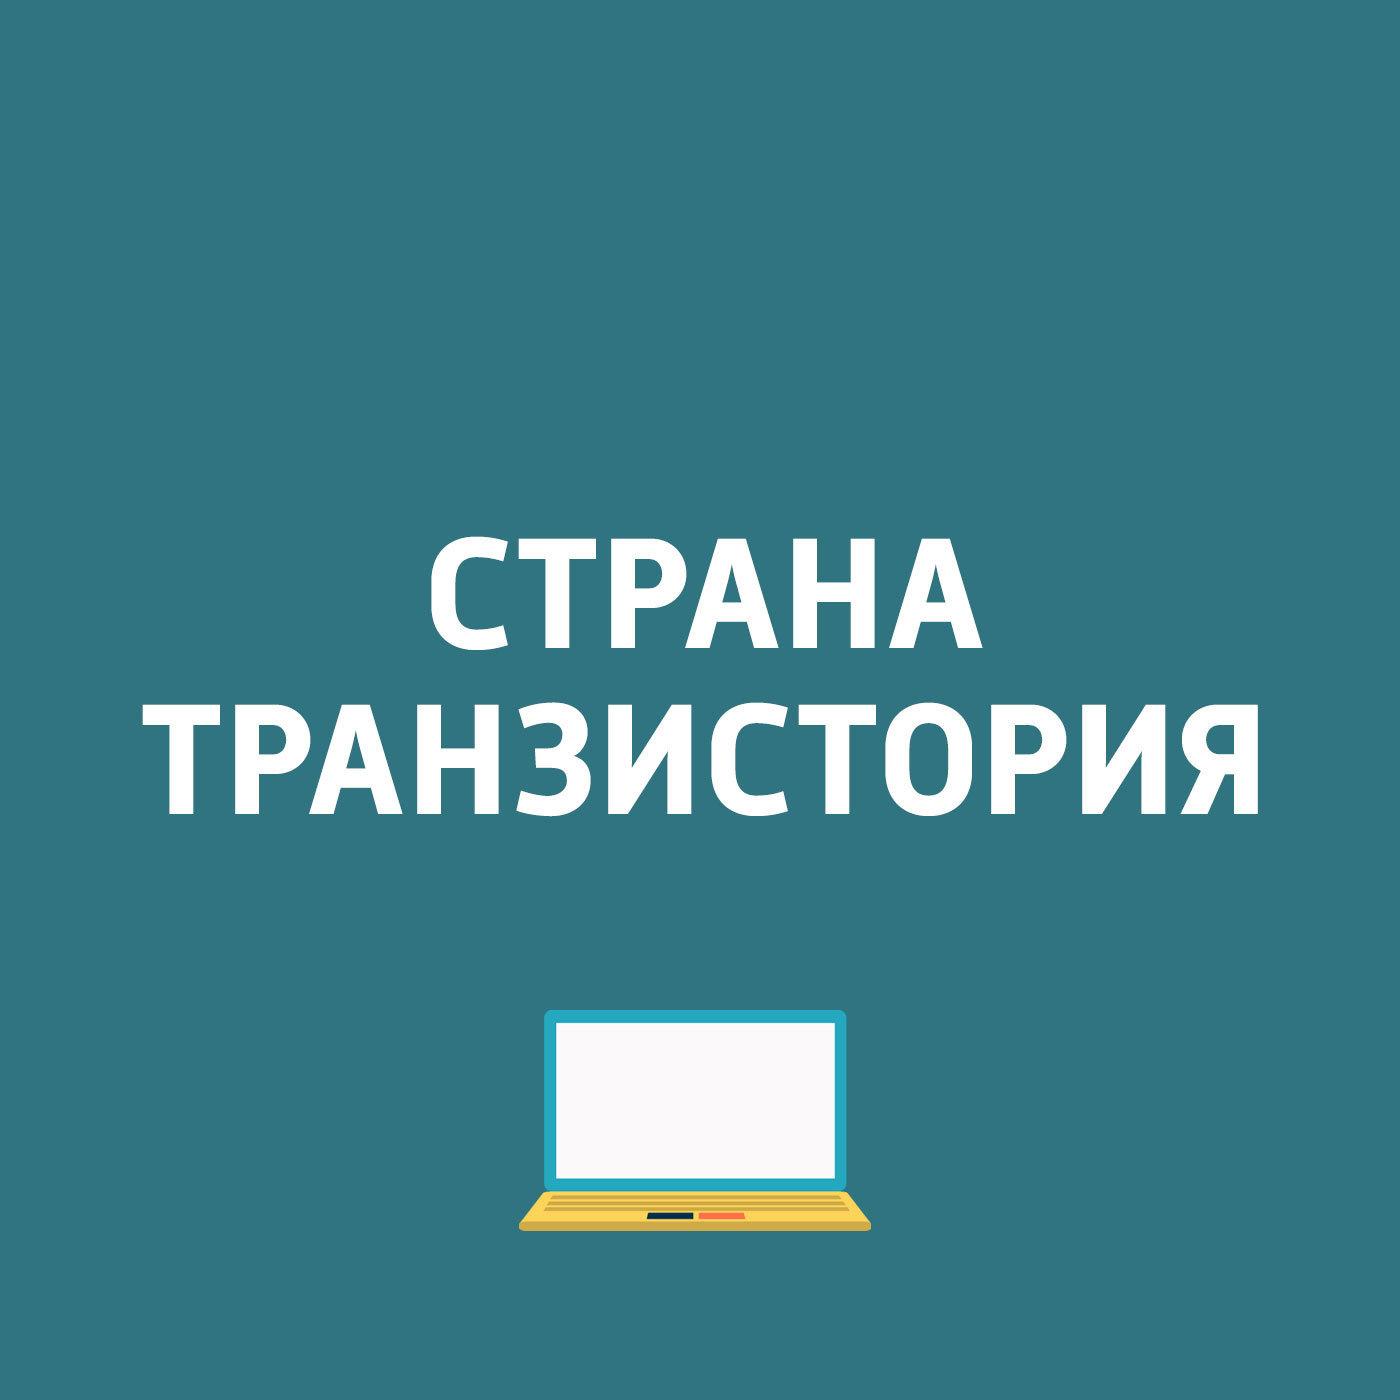 Фото - Картаев Павел Презентация и цены LG V40 ThinQ; Tinder добавили видео-превью; Запуск в России Taobao mail ru group объявила о запуске нового мессенджера tamtam